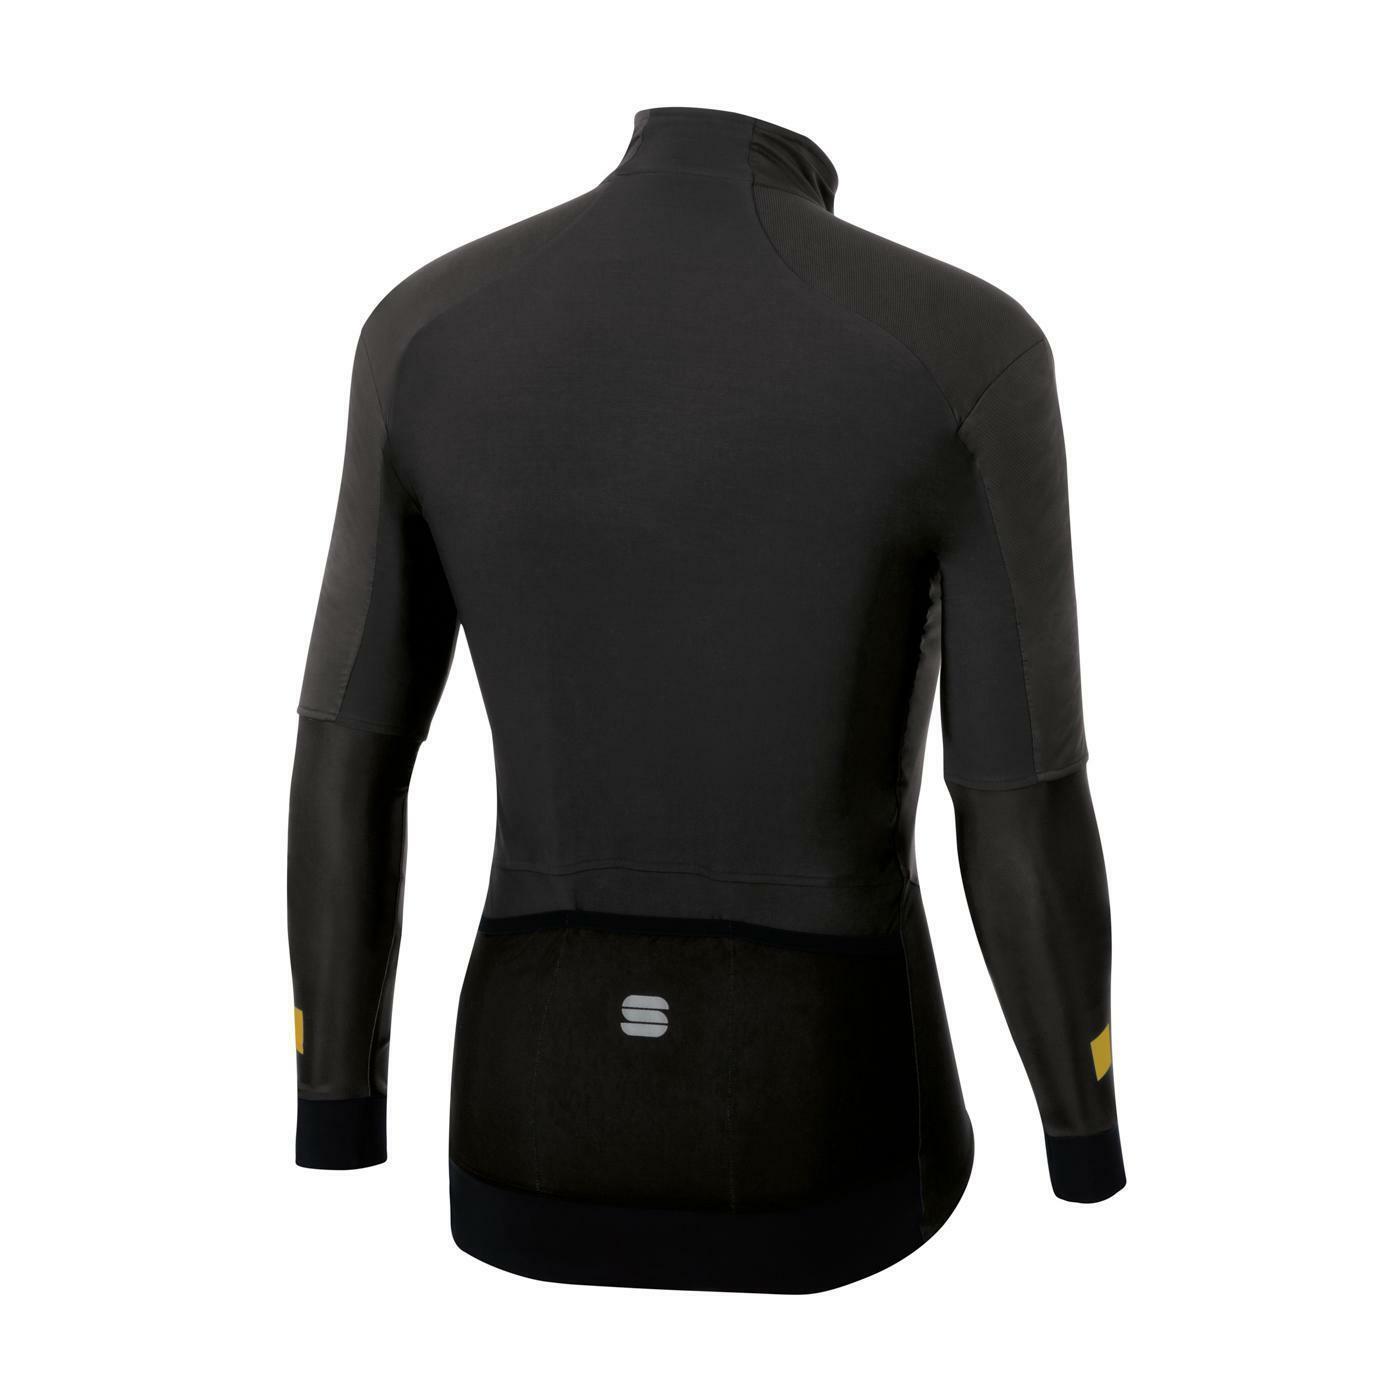 sportful sportful giacca bodyfit pro nero